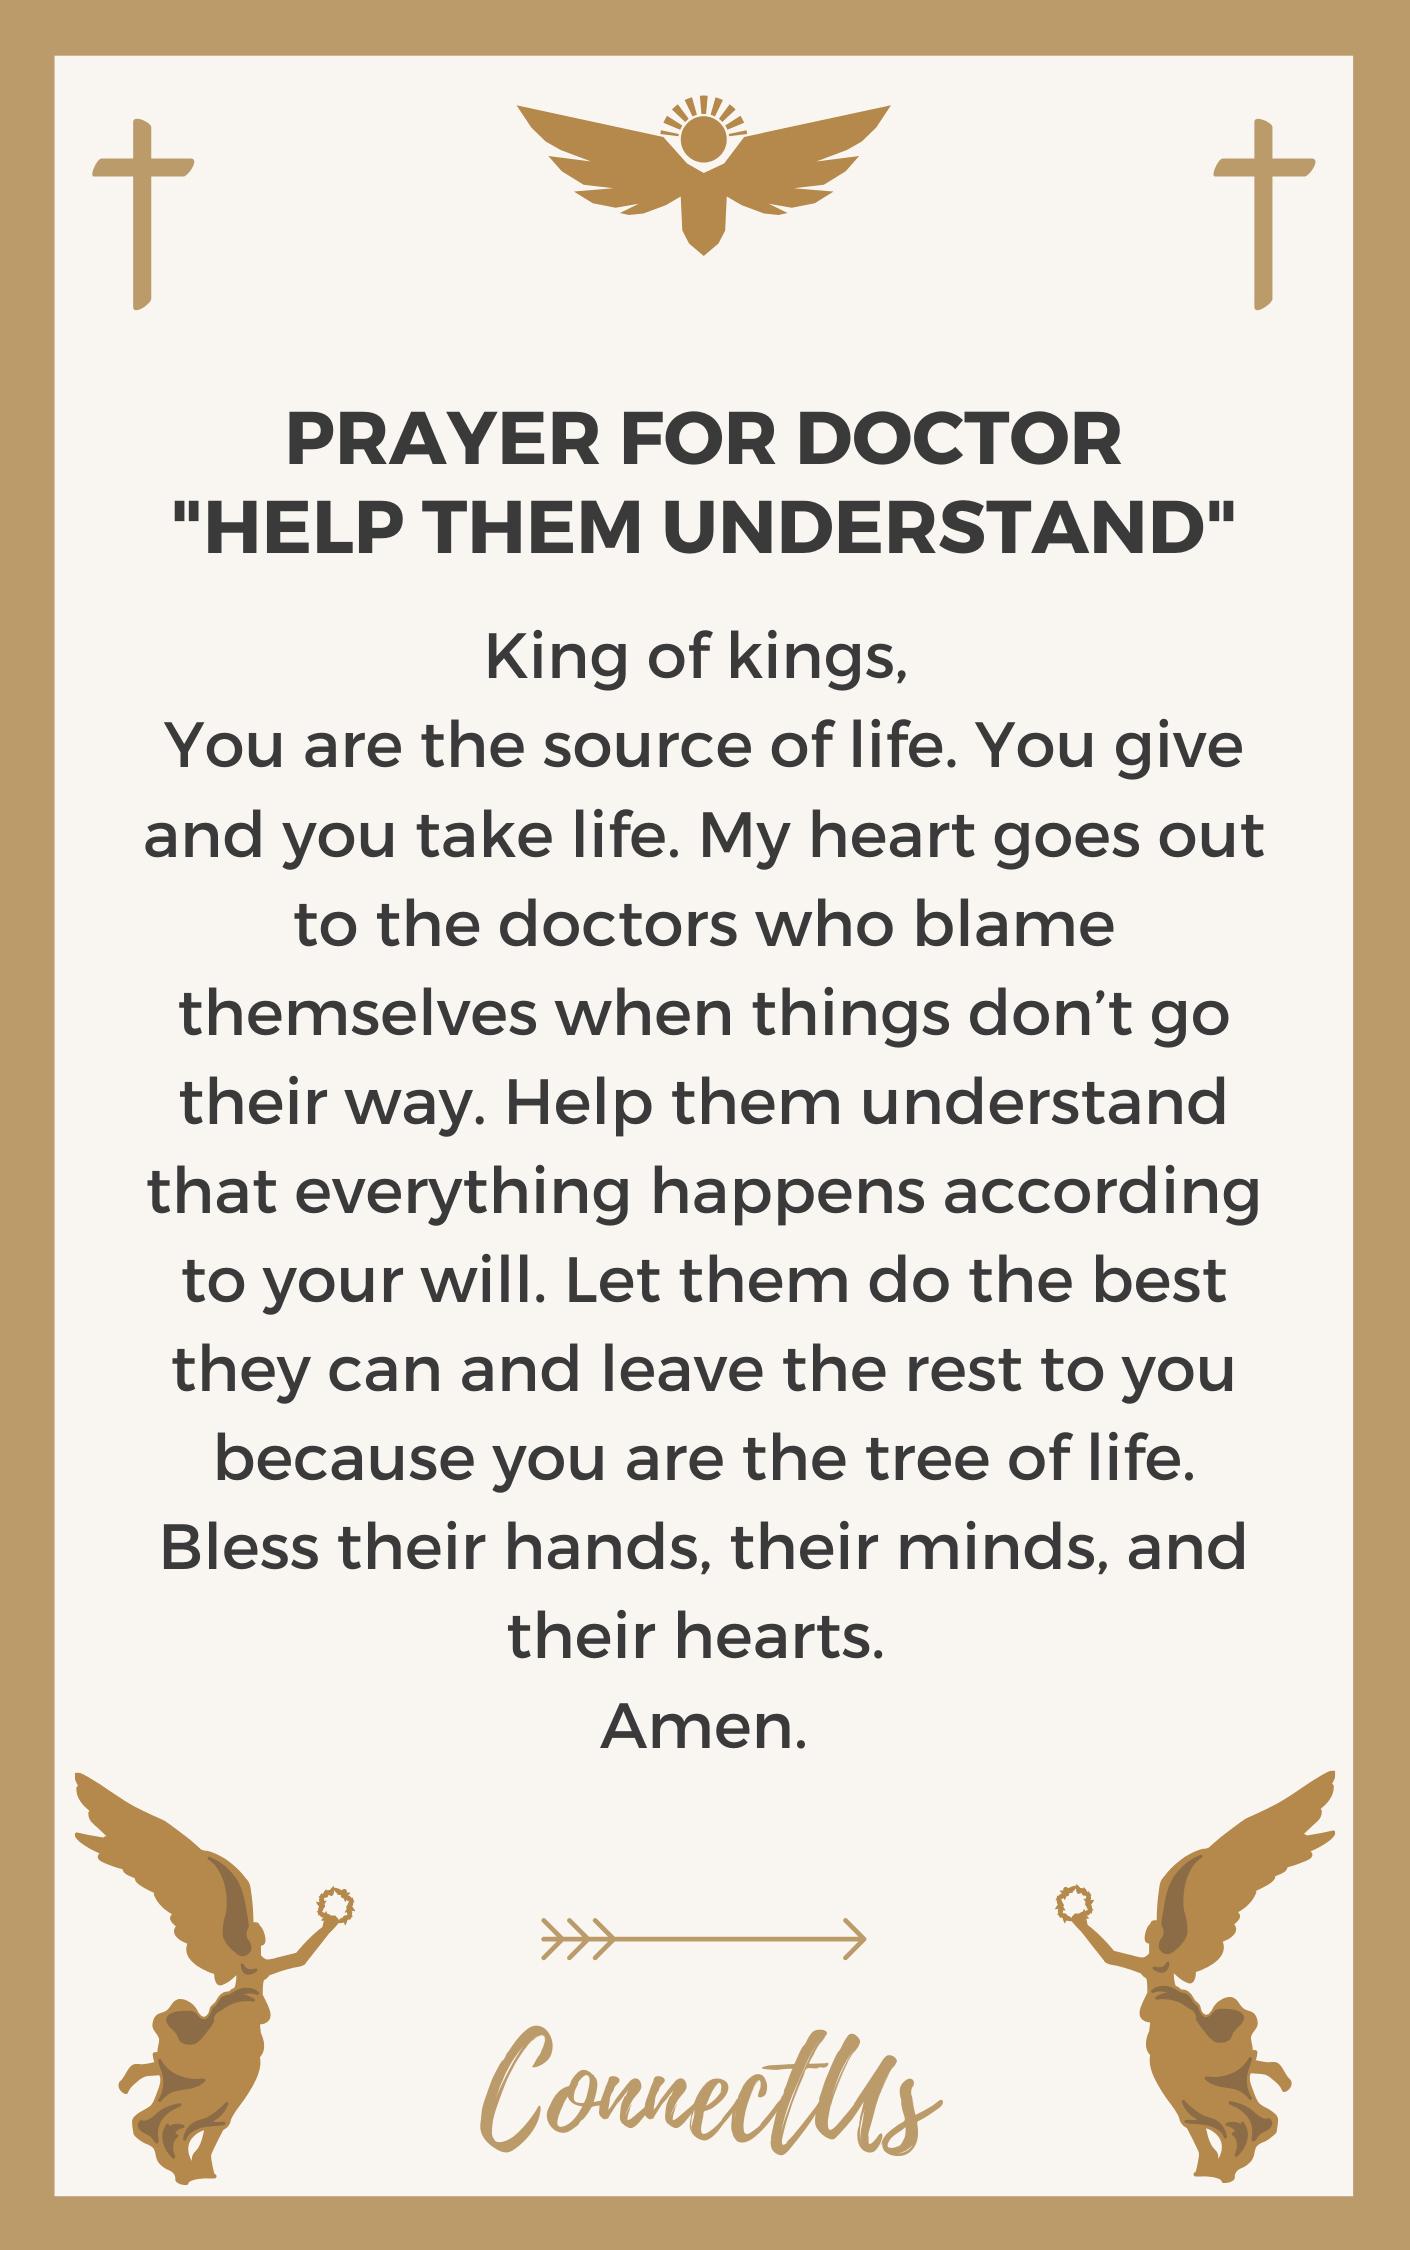 Prayer-for-Doctor-7